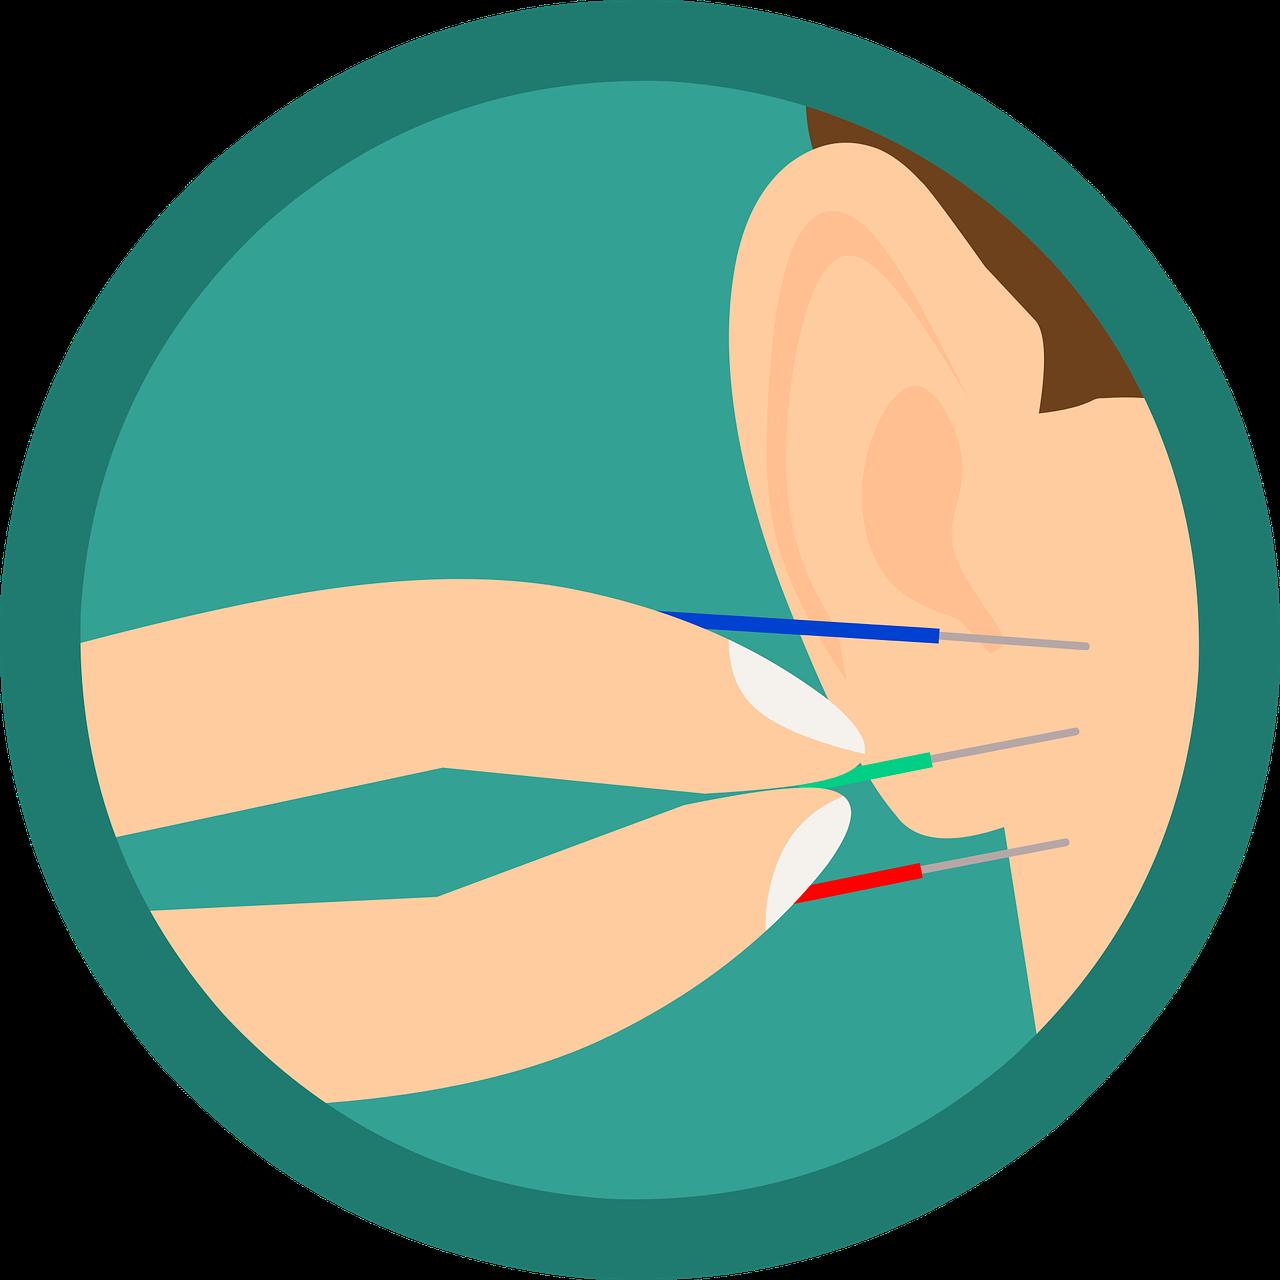 Fysiotherapie Medisch Centrum Sint Pieter massage fysio